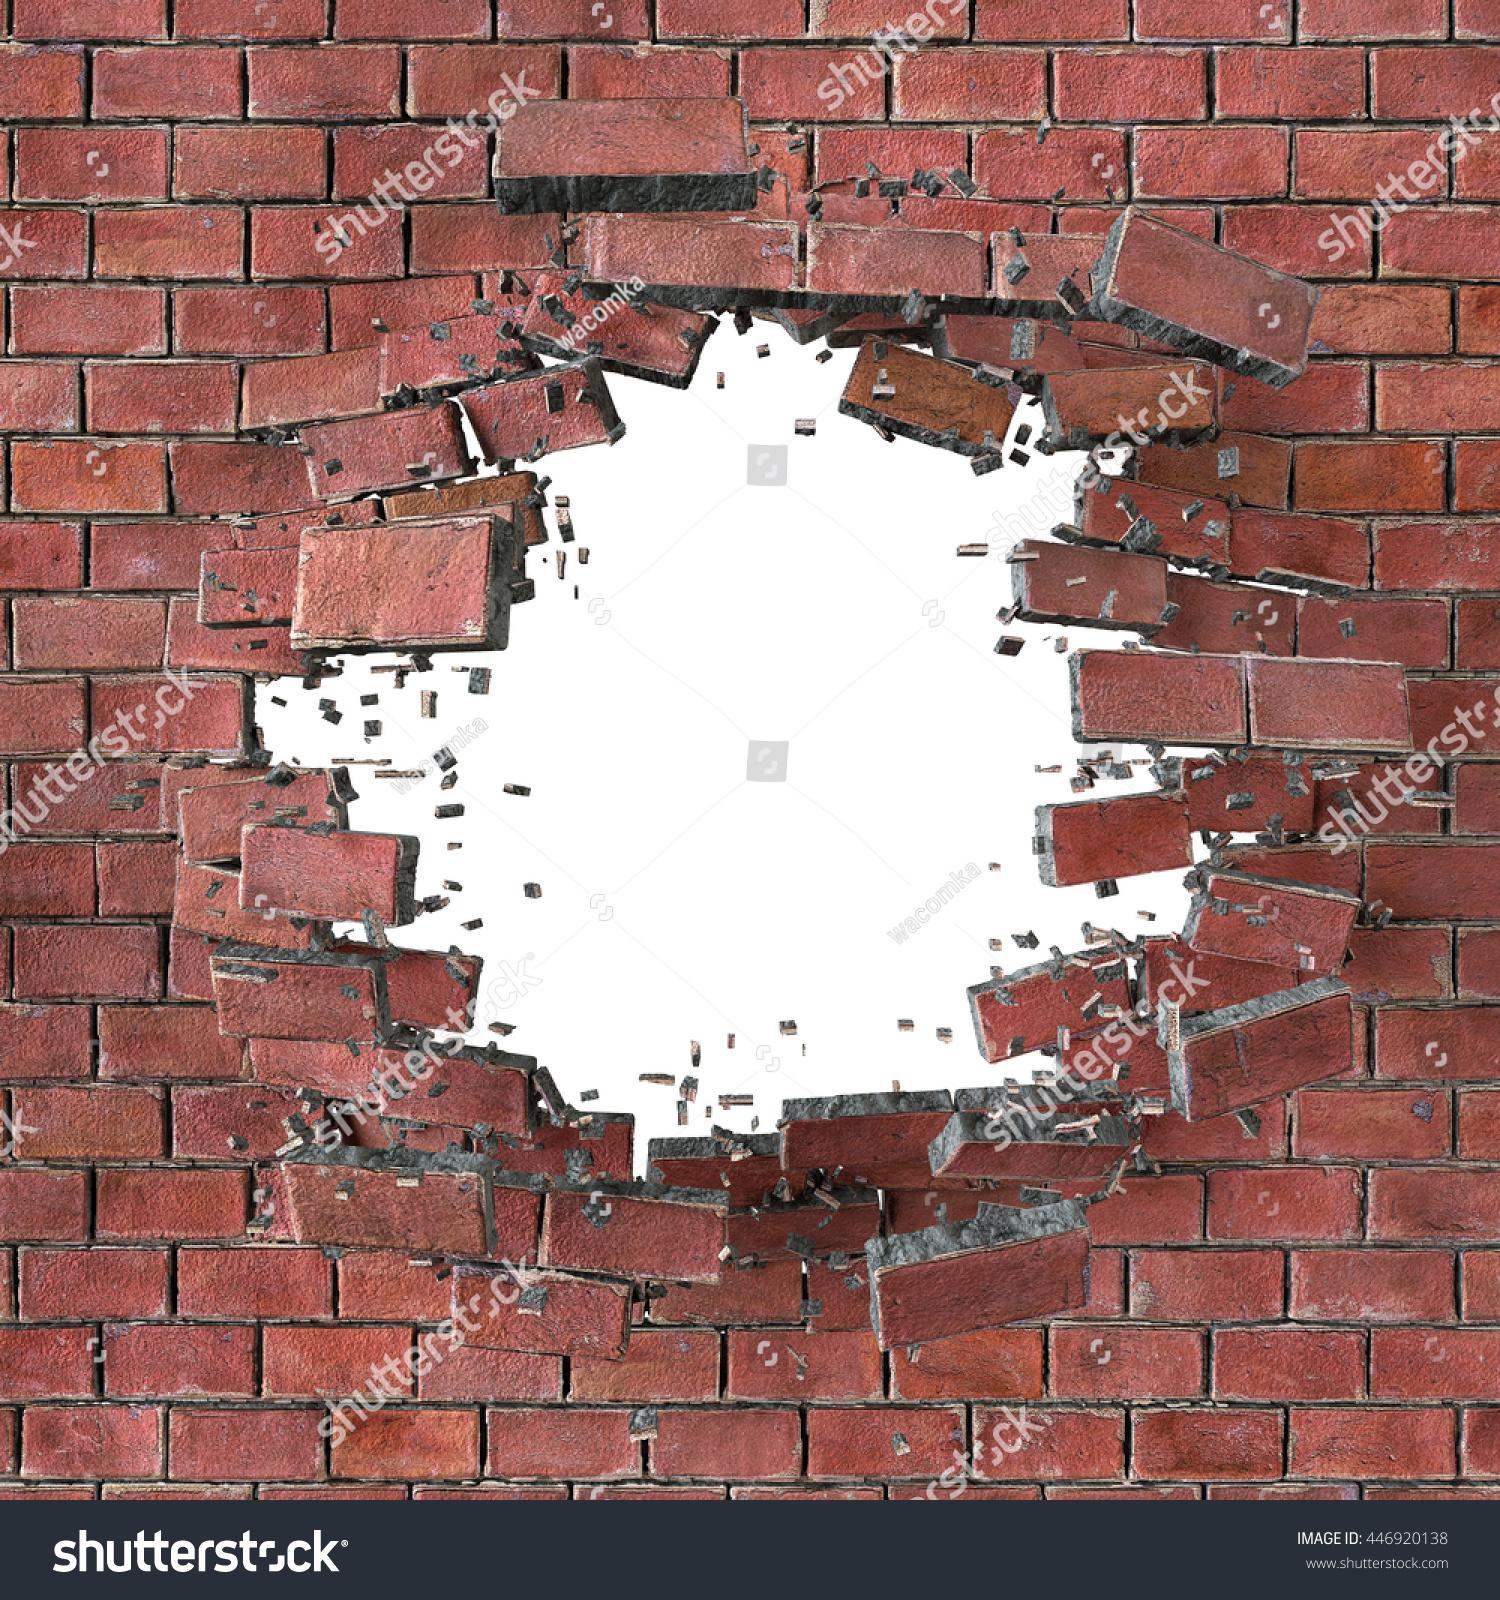 3dレンダリング 3dイラスト 爆発 ひび割れた赤いレンガ壁 銃弾穴